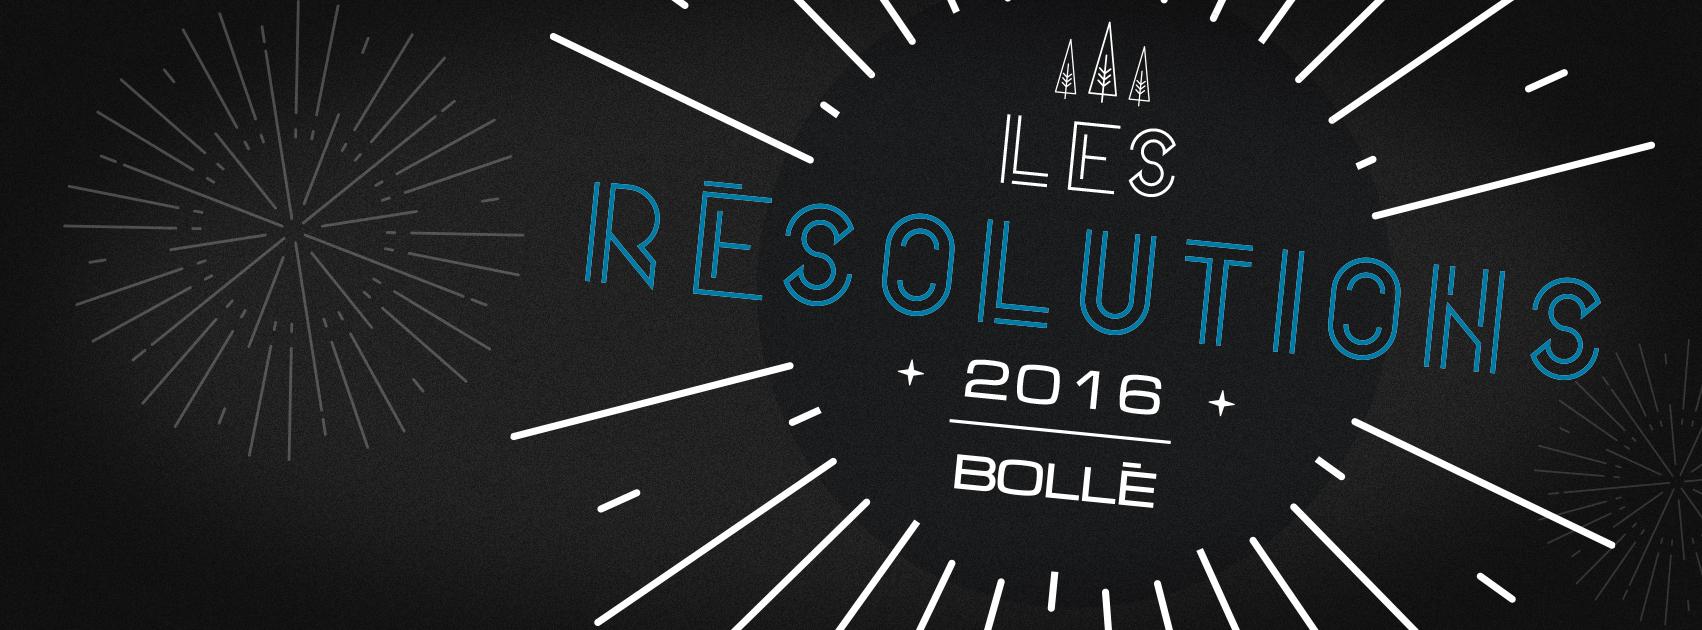 7 résolutions que chaque PME devrait prendre en 2016 !